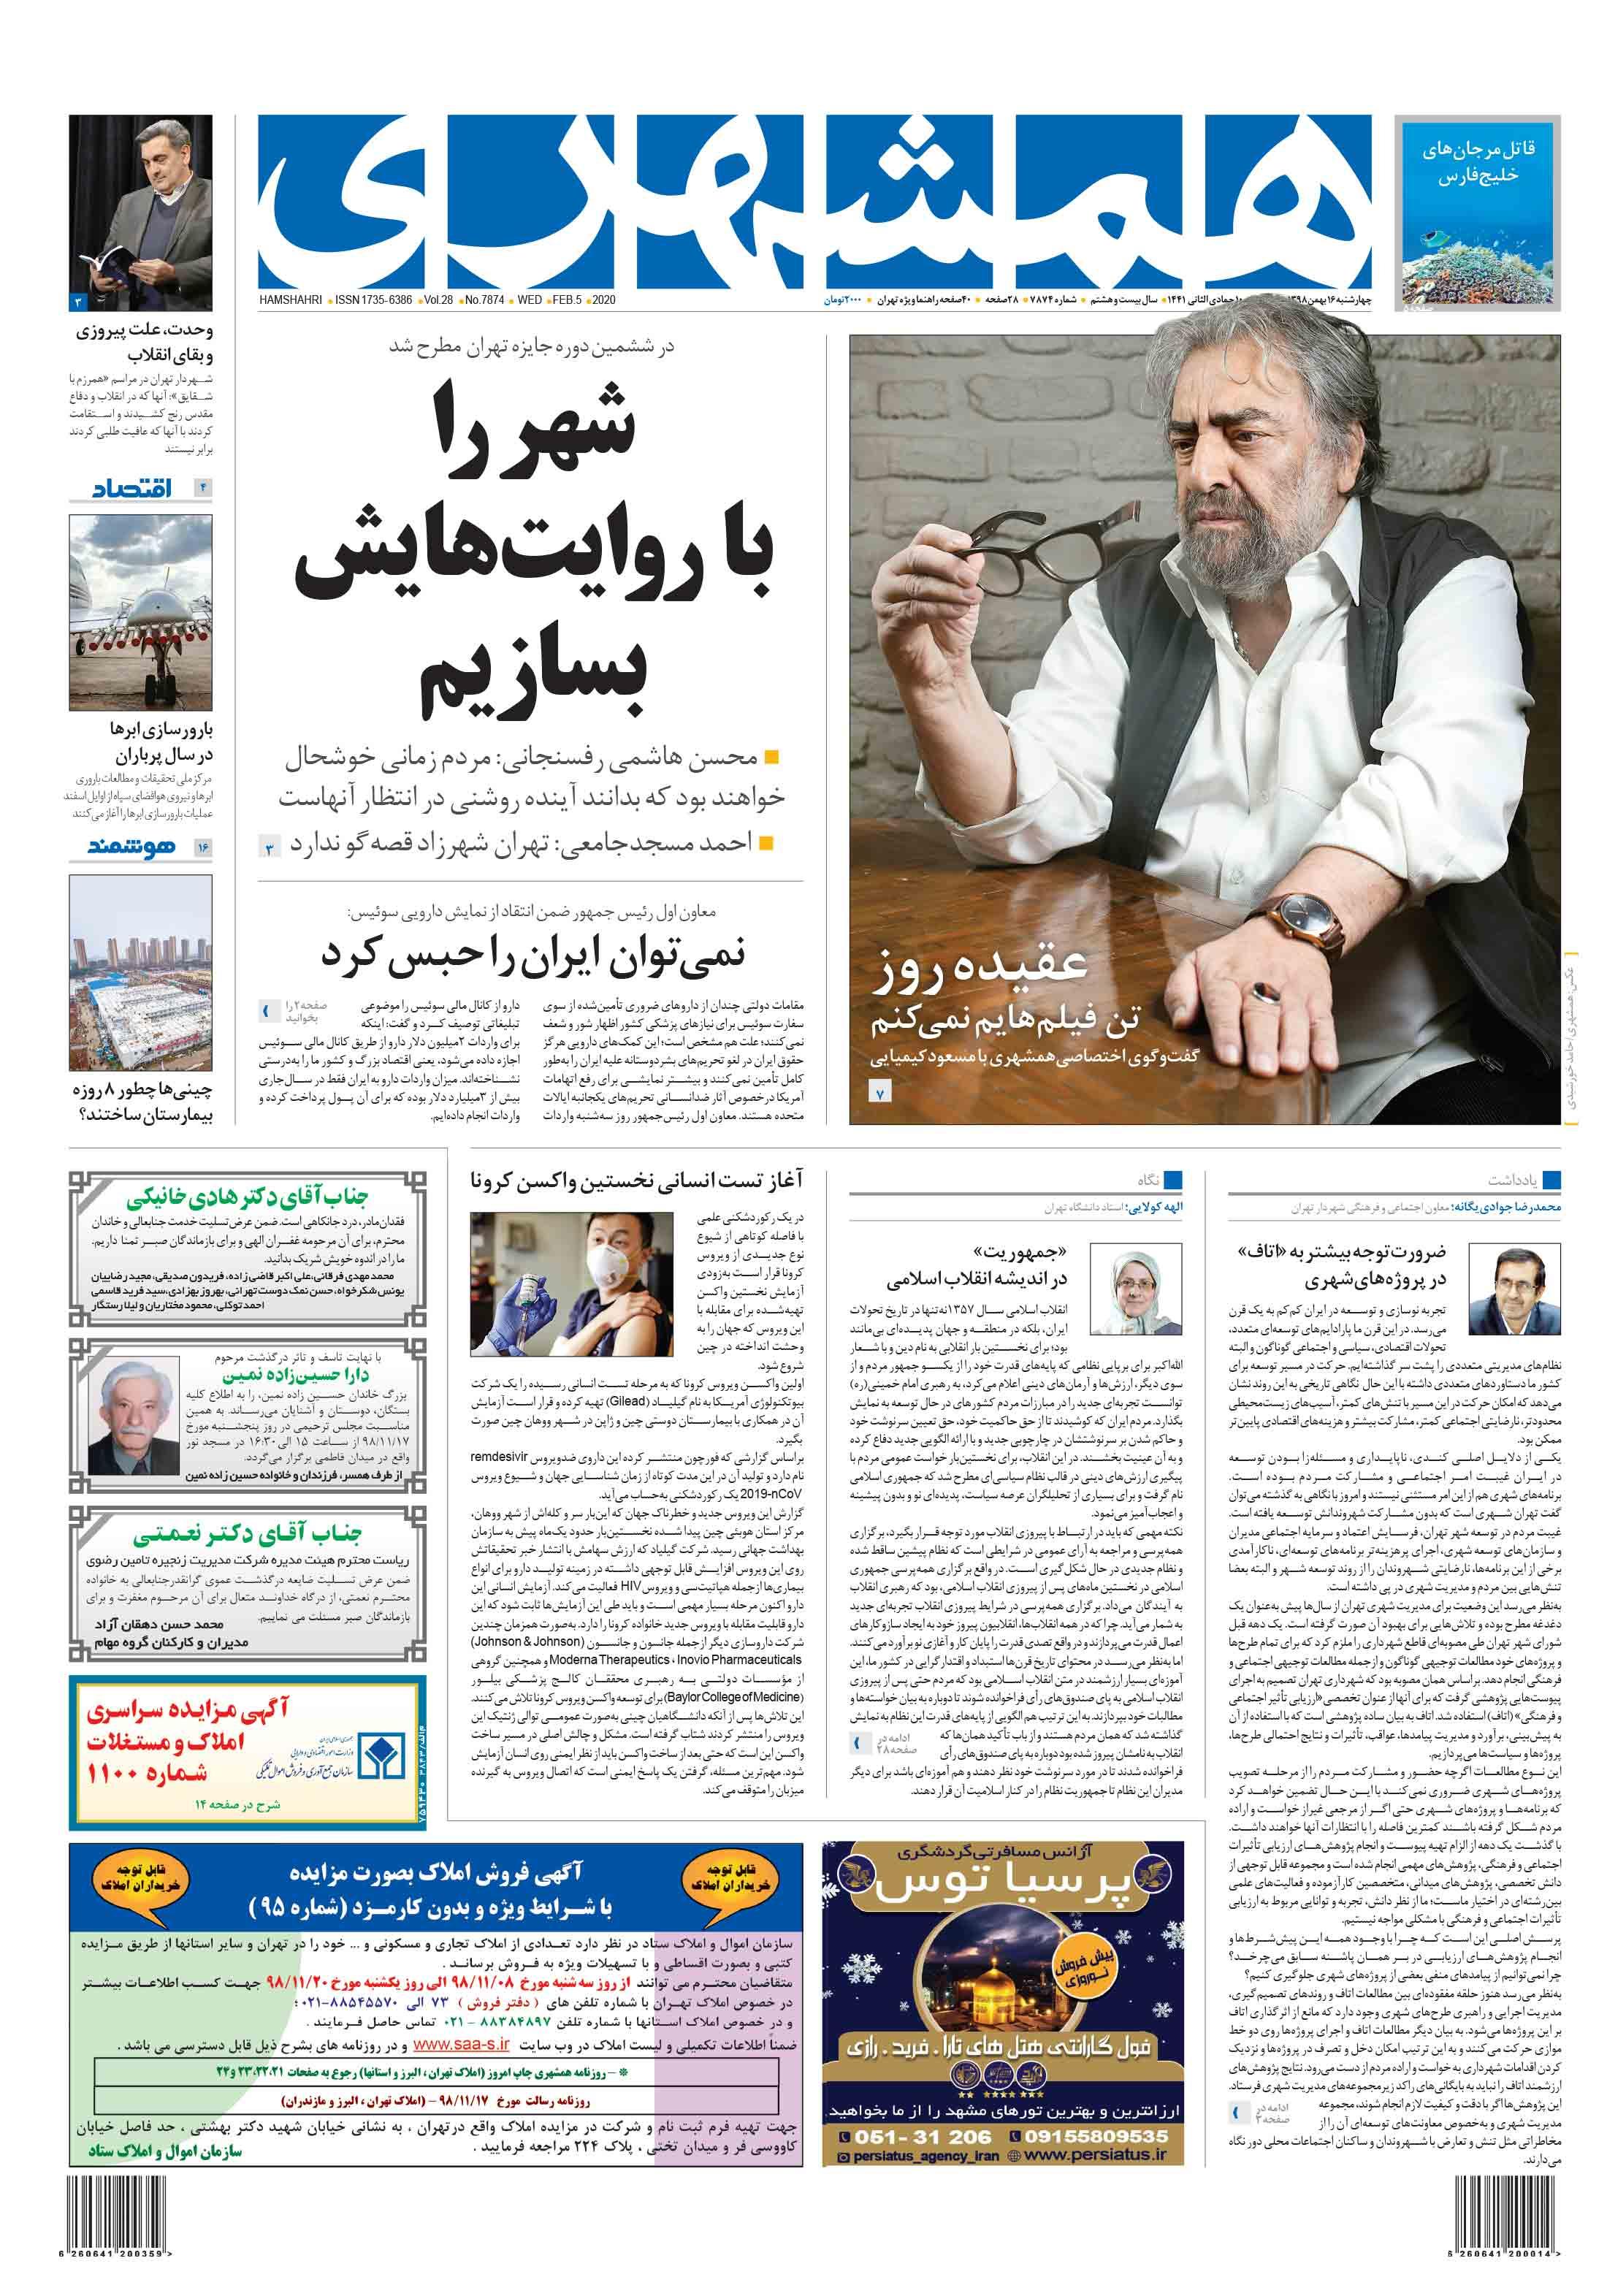 صفحه اول چهارشنبه 16 بهمن 1398